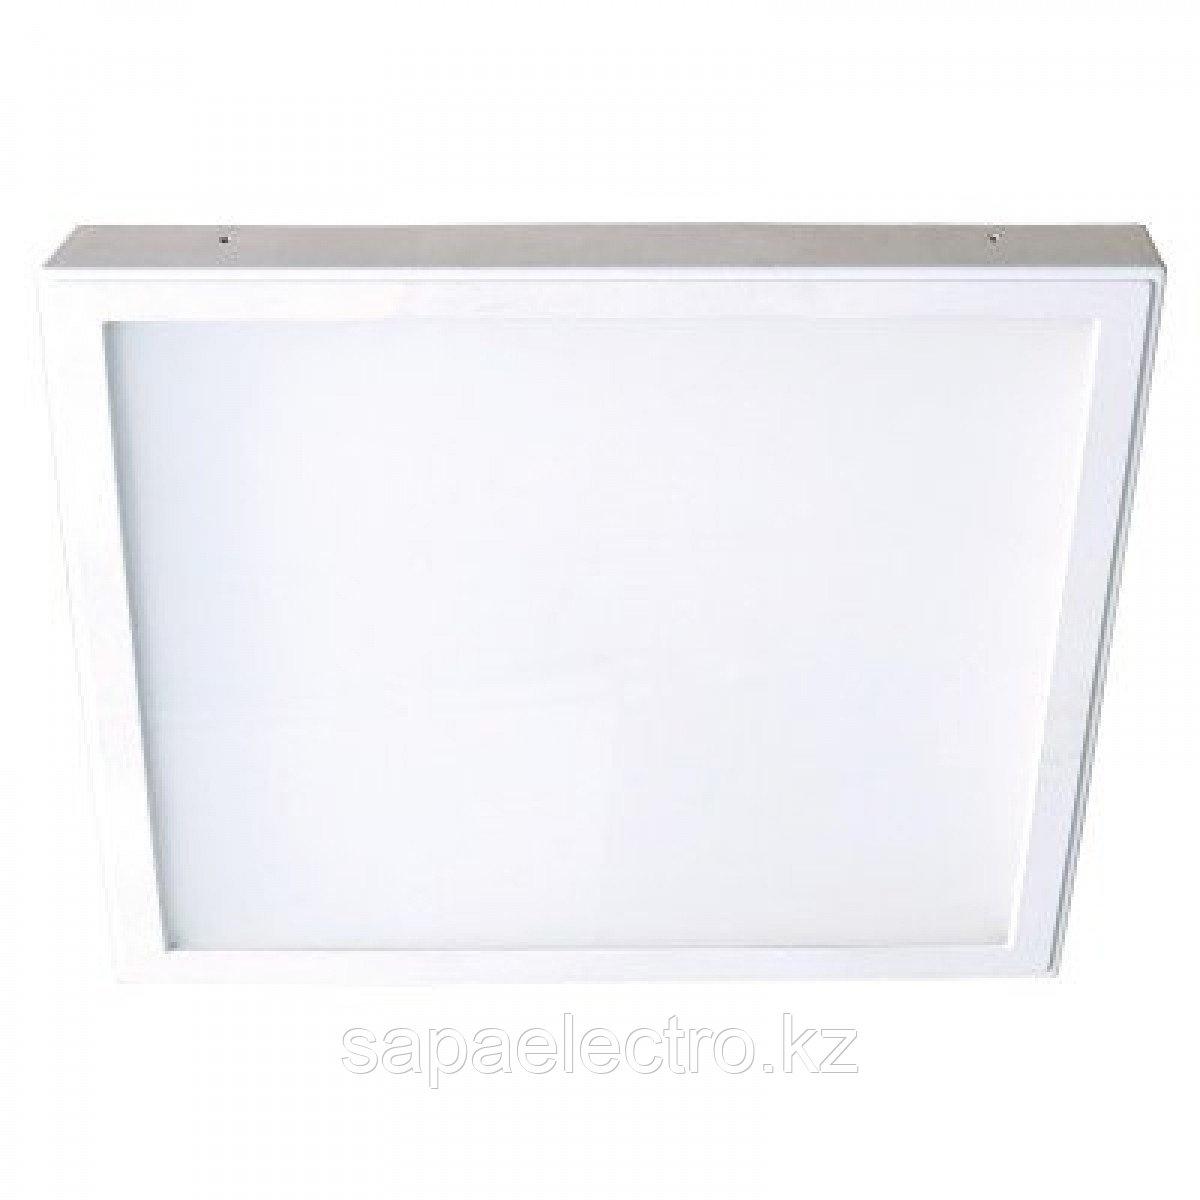 Св-к LED ULS PANEL 48W WHITE  600X600 5700K MGL (TS